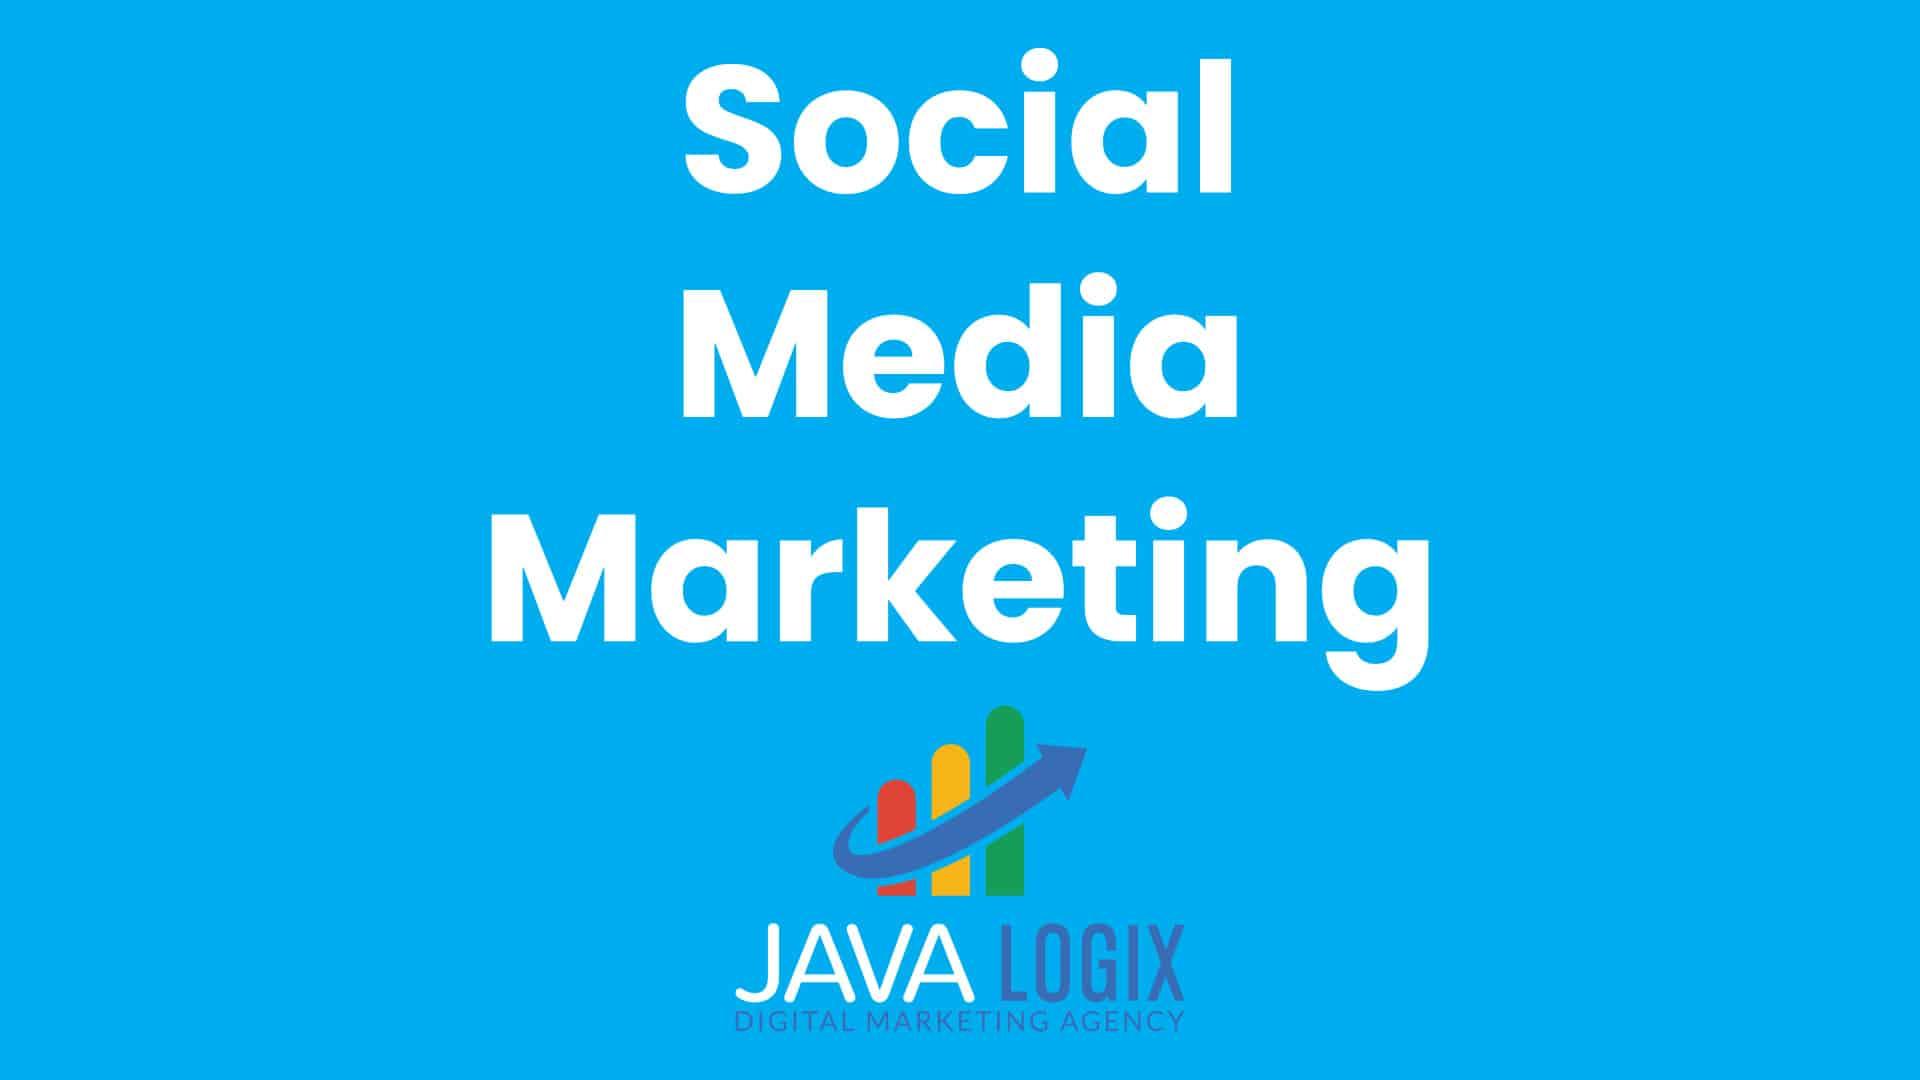 Lead Magnet | Social Media Marketing | Social Media Marketing Strategy